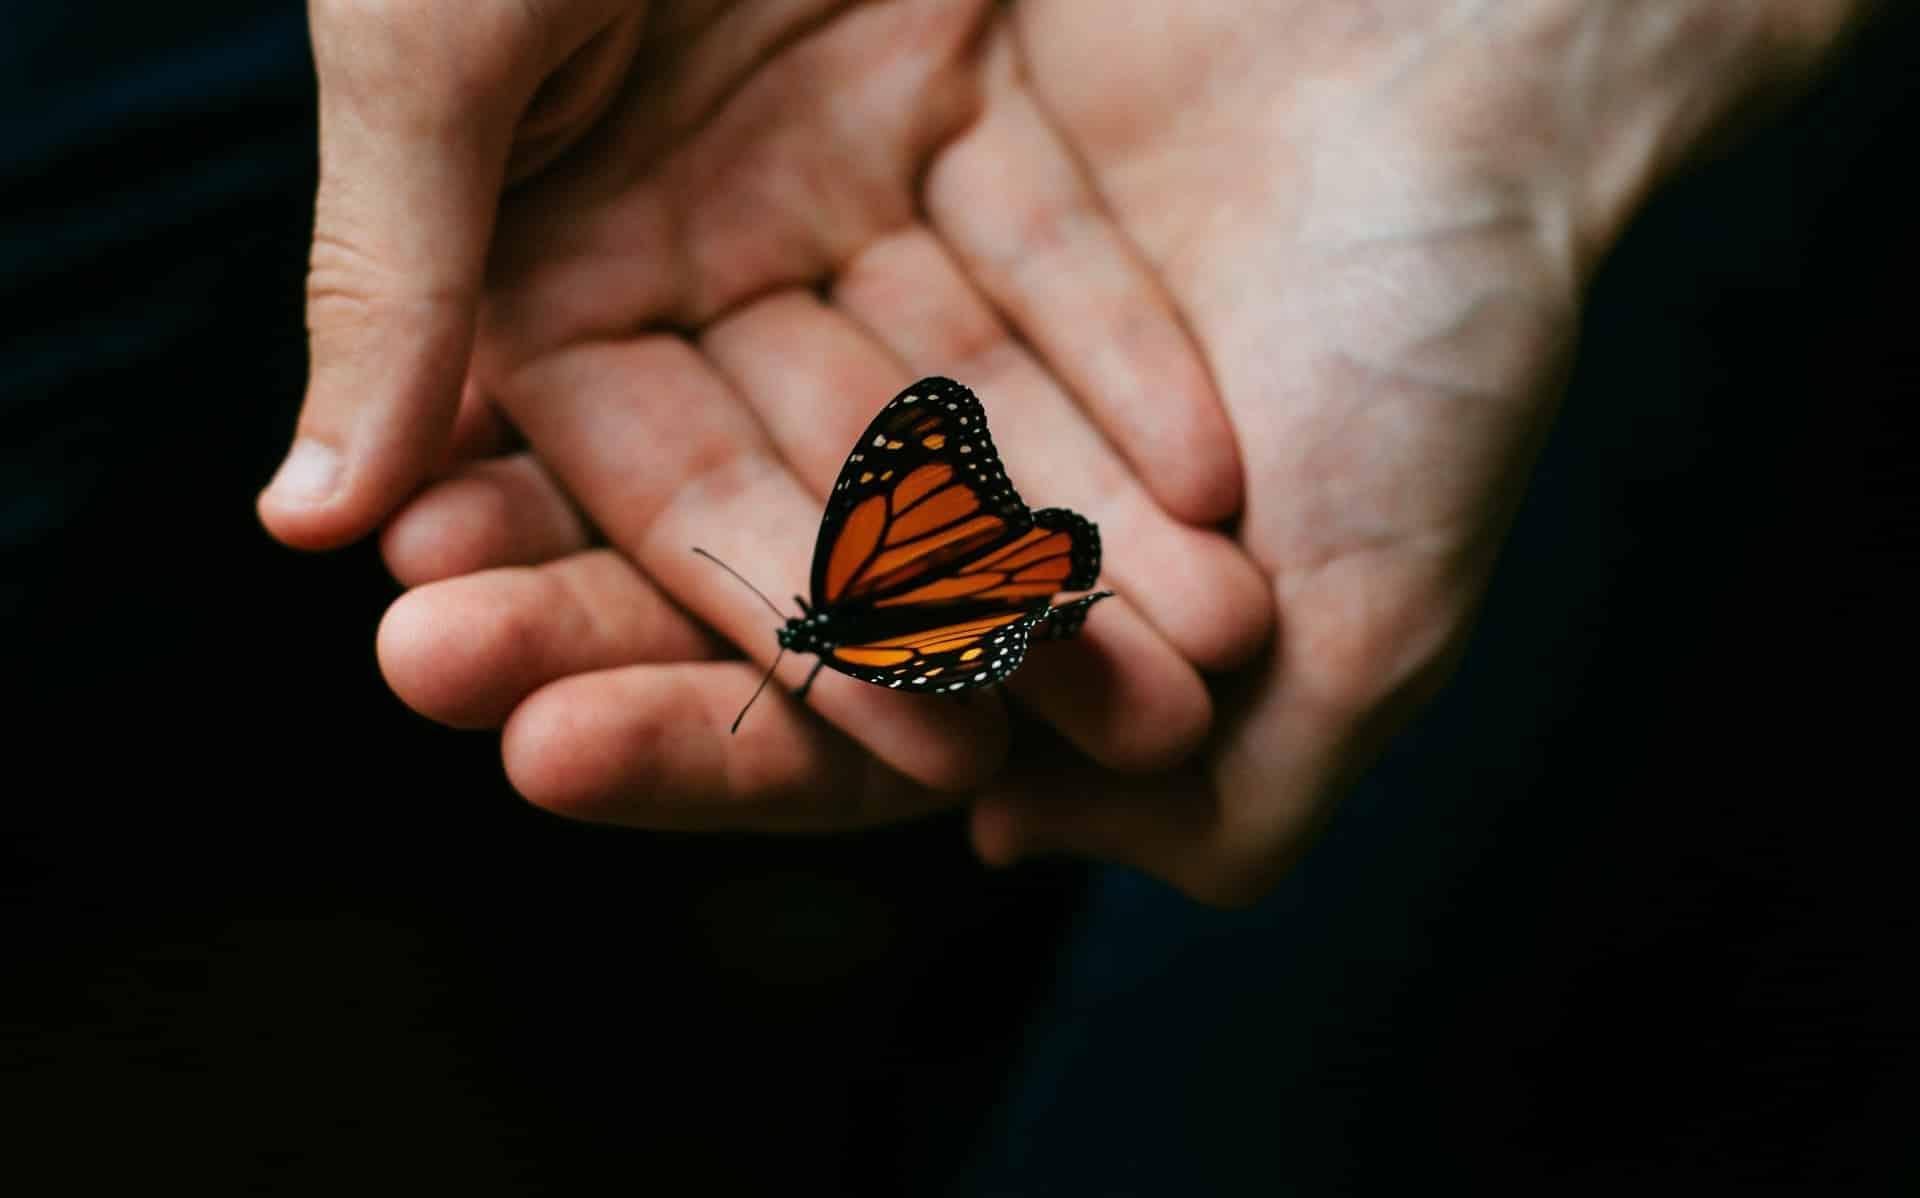 Uma pessoa, supostamente homem, erguendo as palmas das mãos. Sobre elas, uma borboleta.